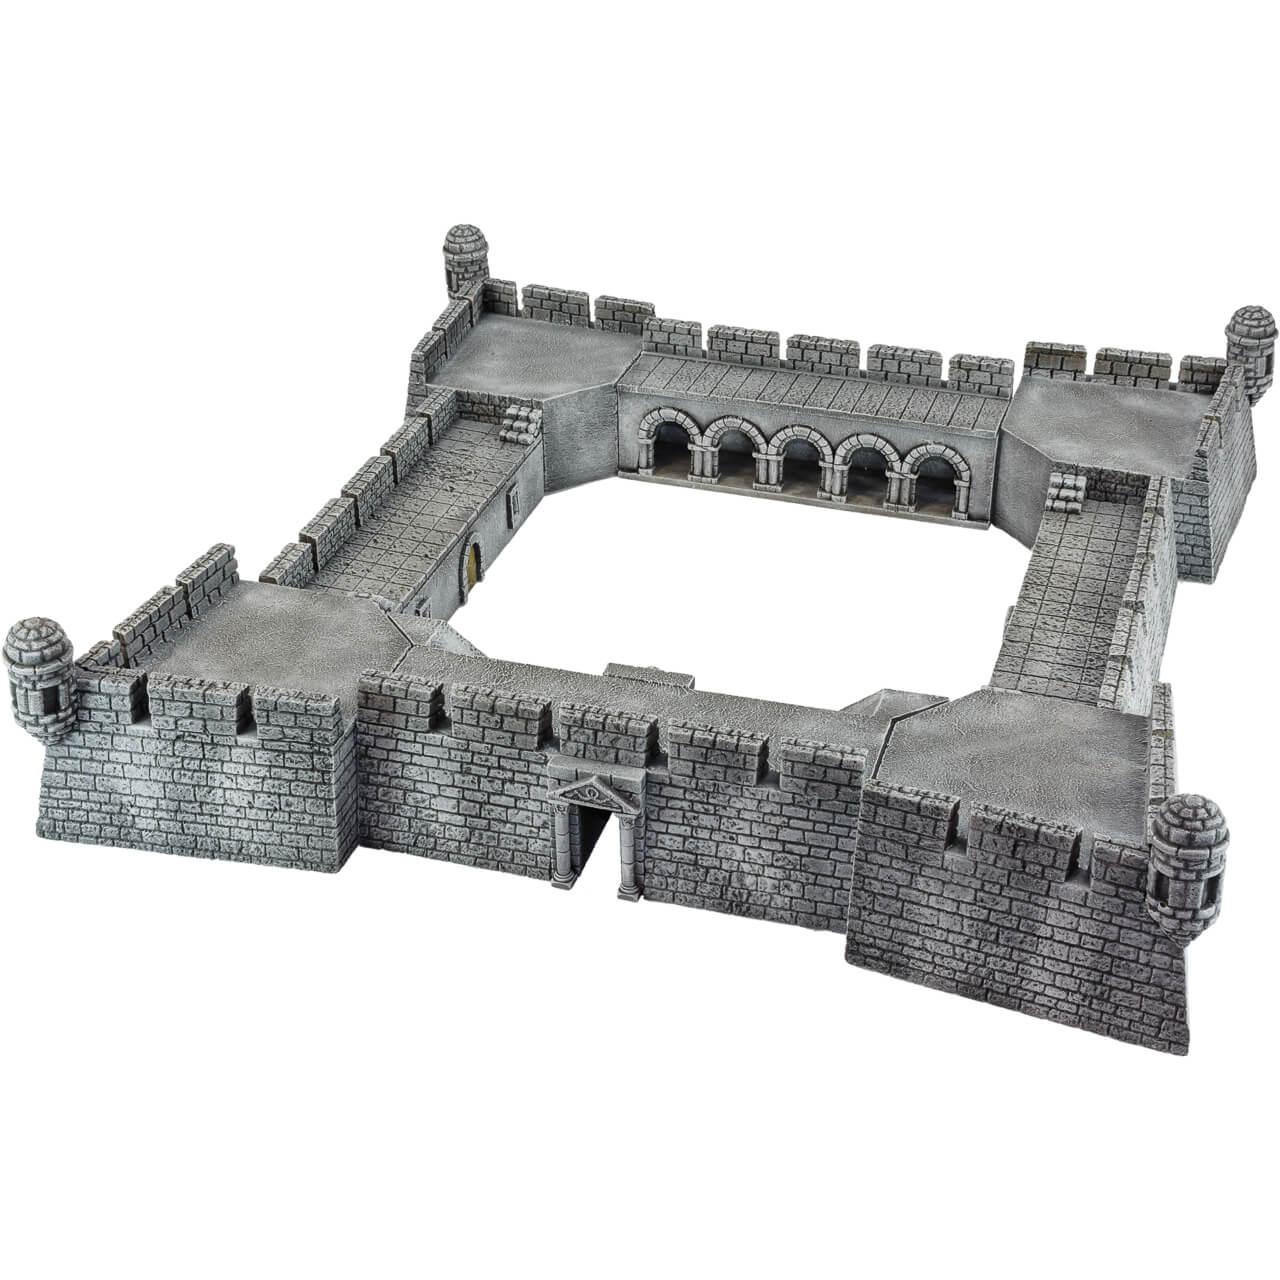 1. Produktabbildung - Vauban Fort 2 (grau)